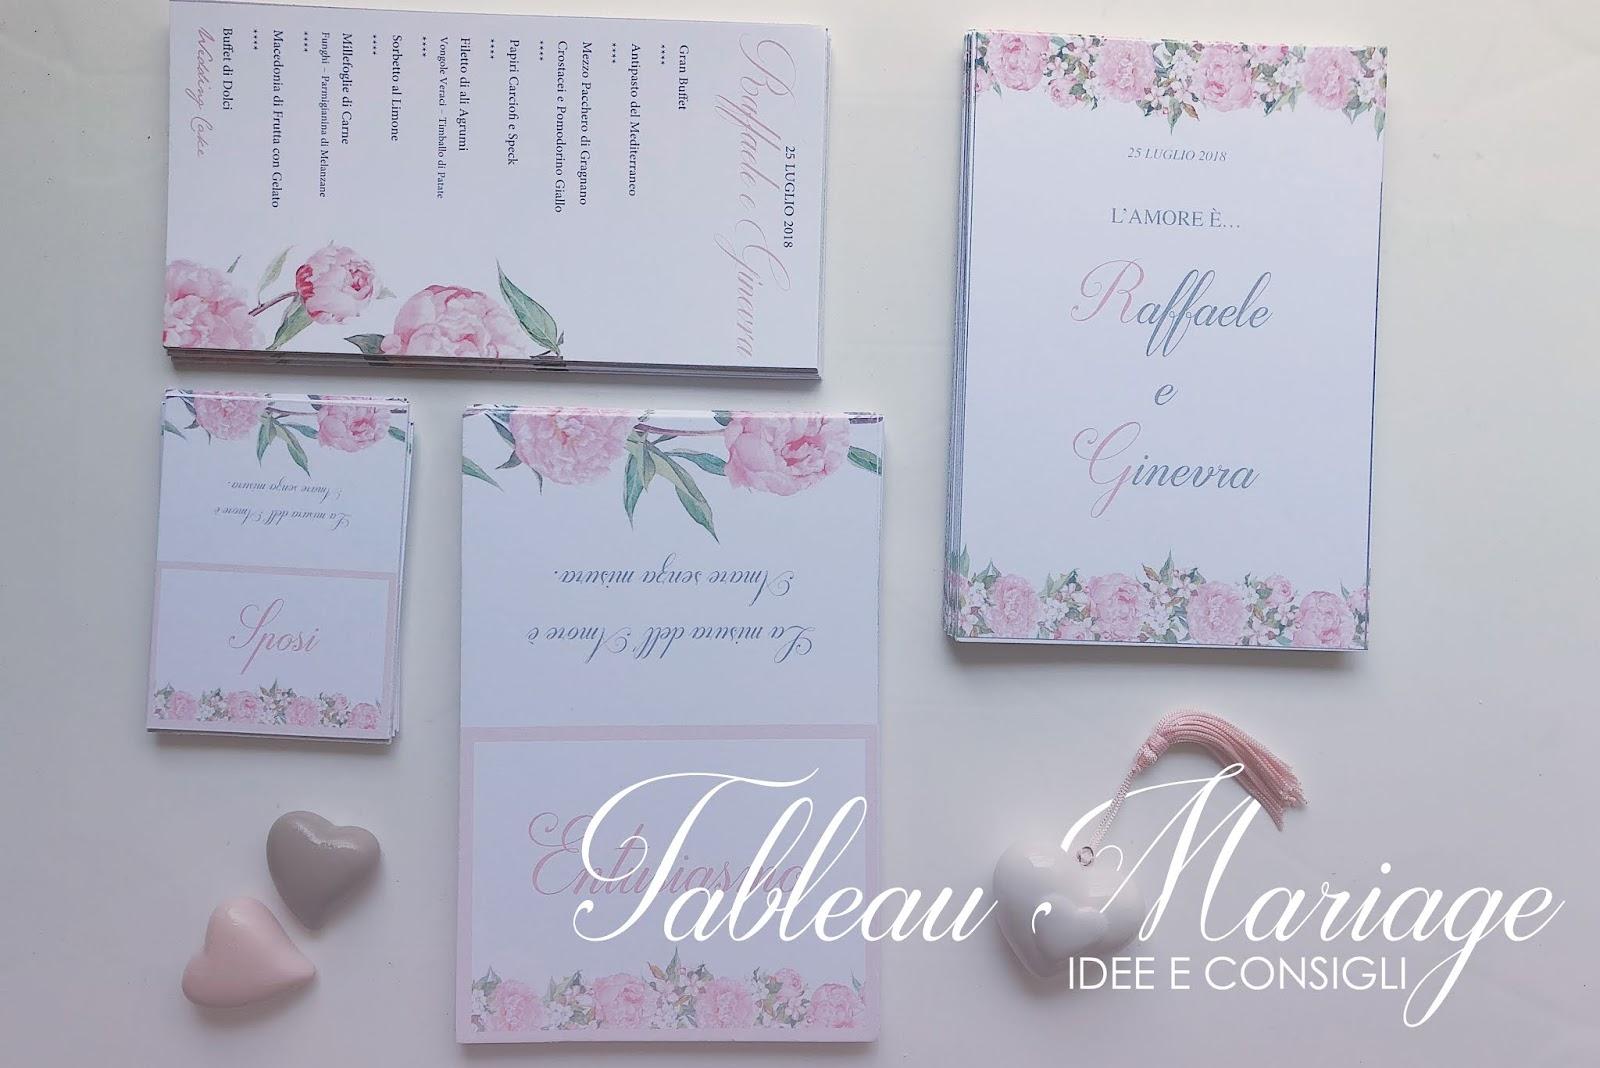 Tableau Matrimonio Azzurro : Tableau mariage con fiori fiorista roberto di guida